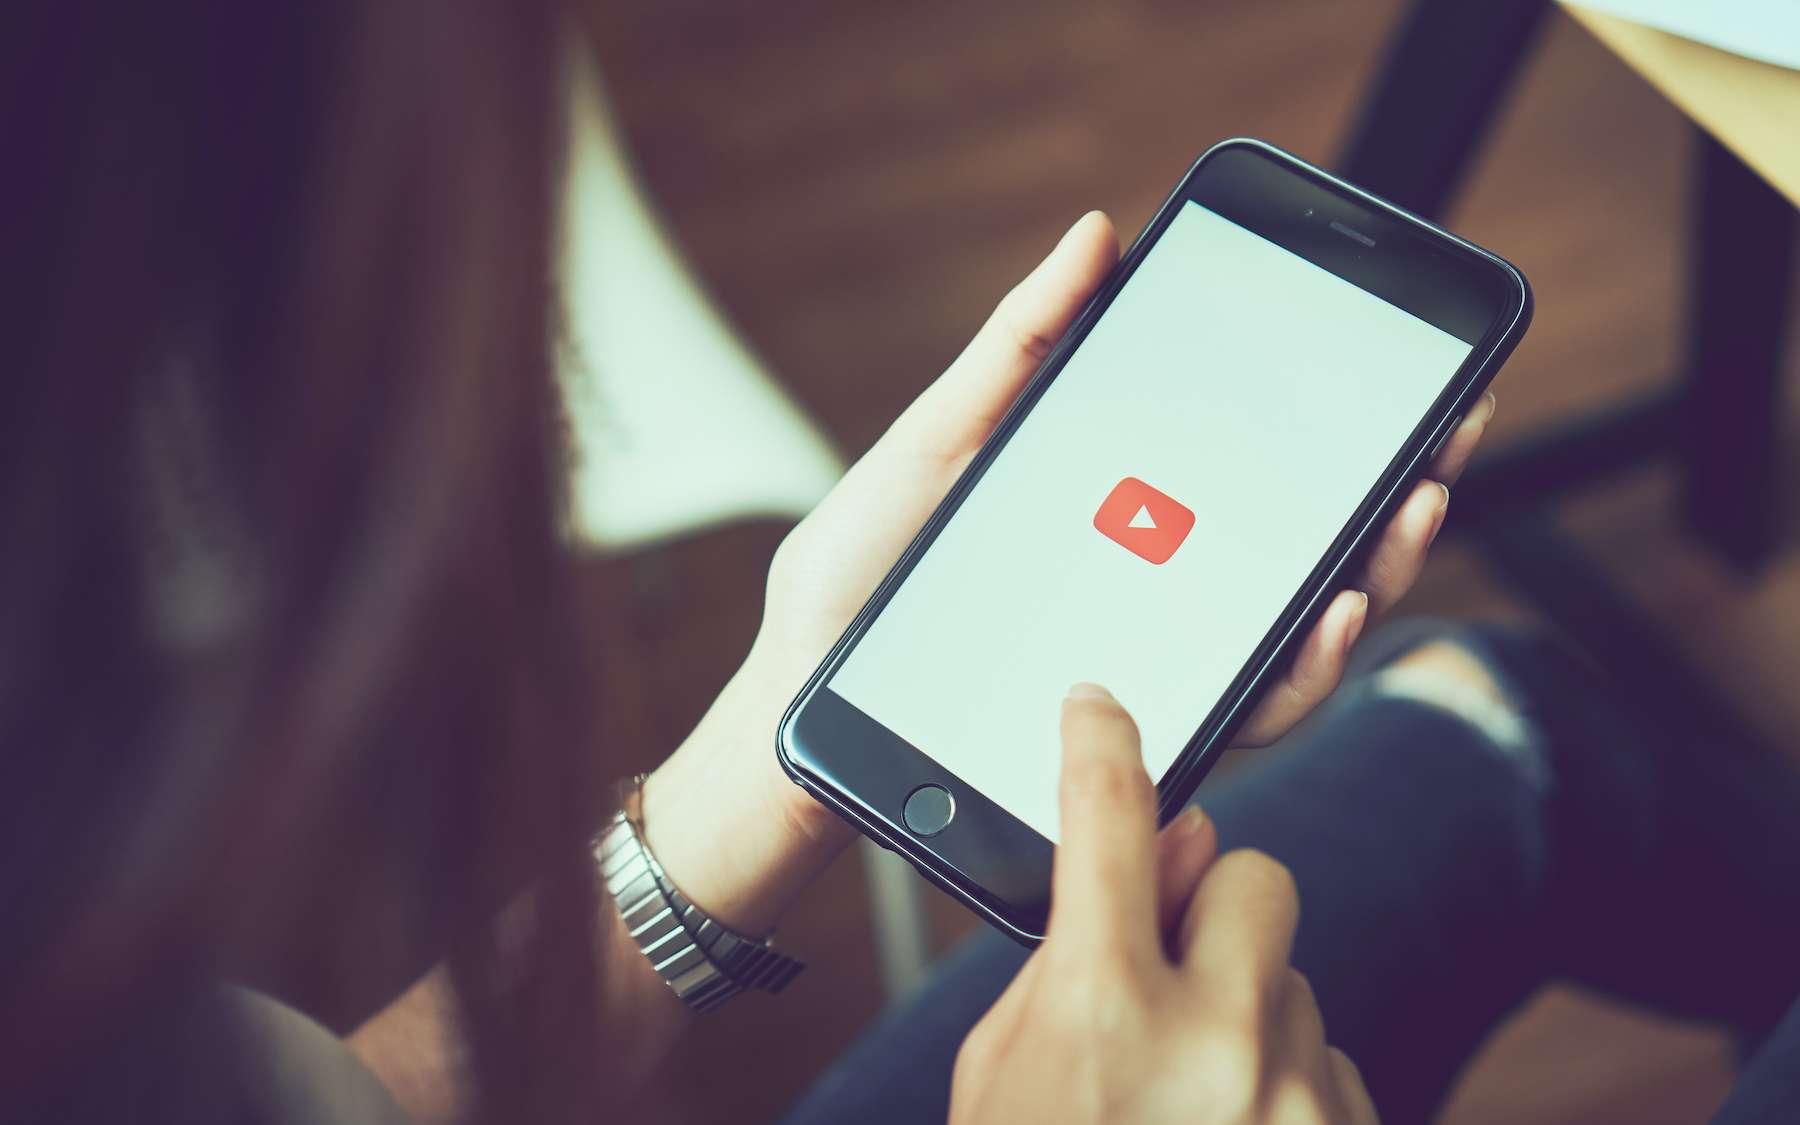 Enregistrer l'écran de son iPhone. © sitthiphong, Adobe Stock